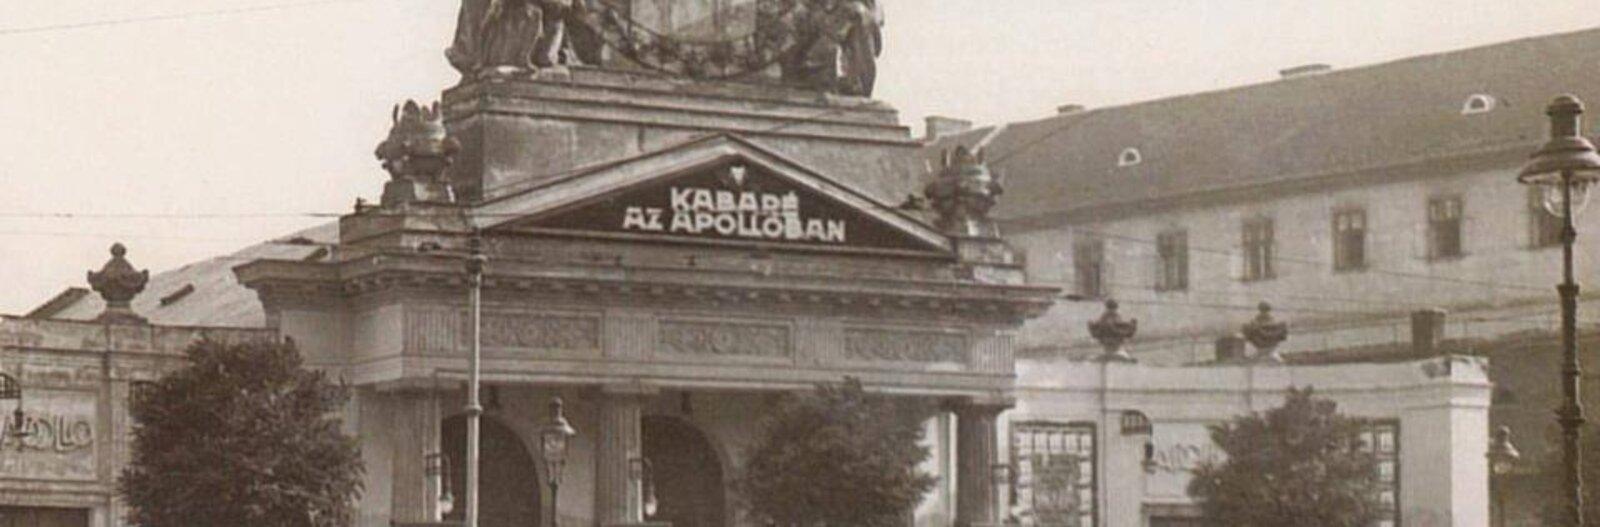 """""""Régi idők mozija"""" – ilyenek voltak egykor Budapest legmodernebb filmszínházai"""